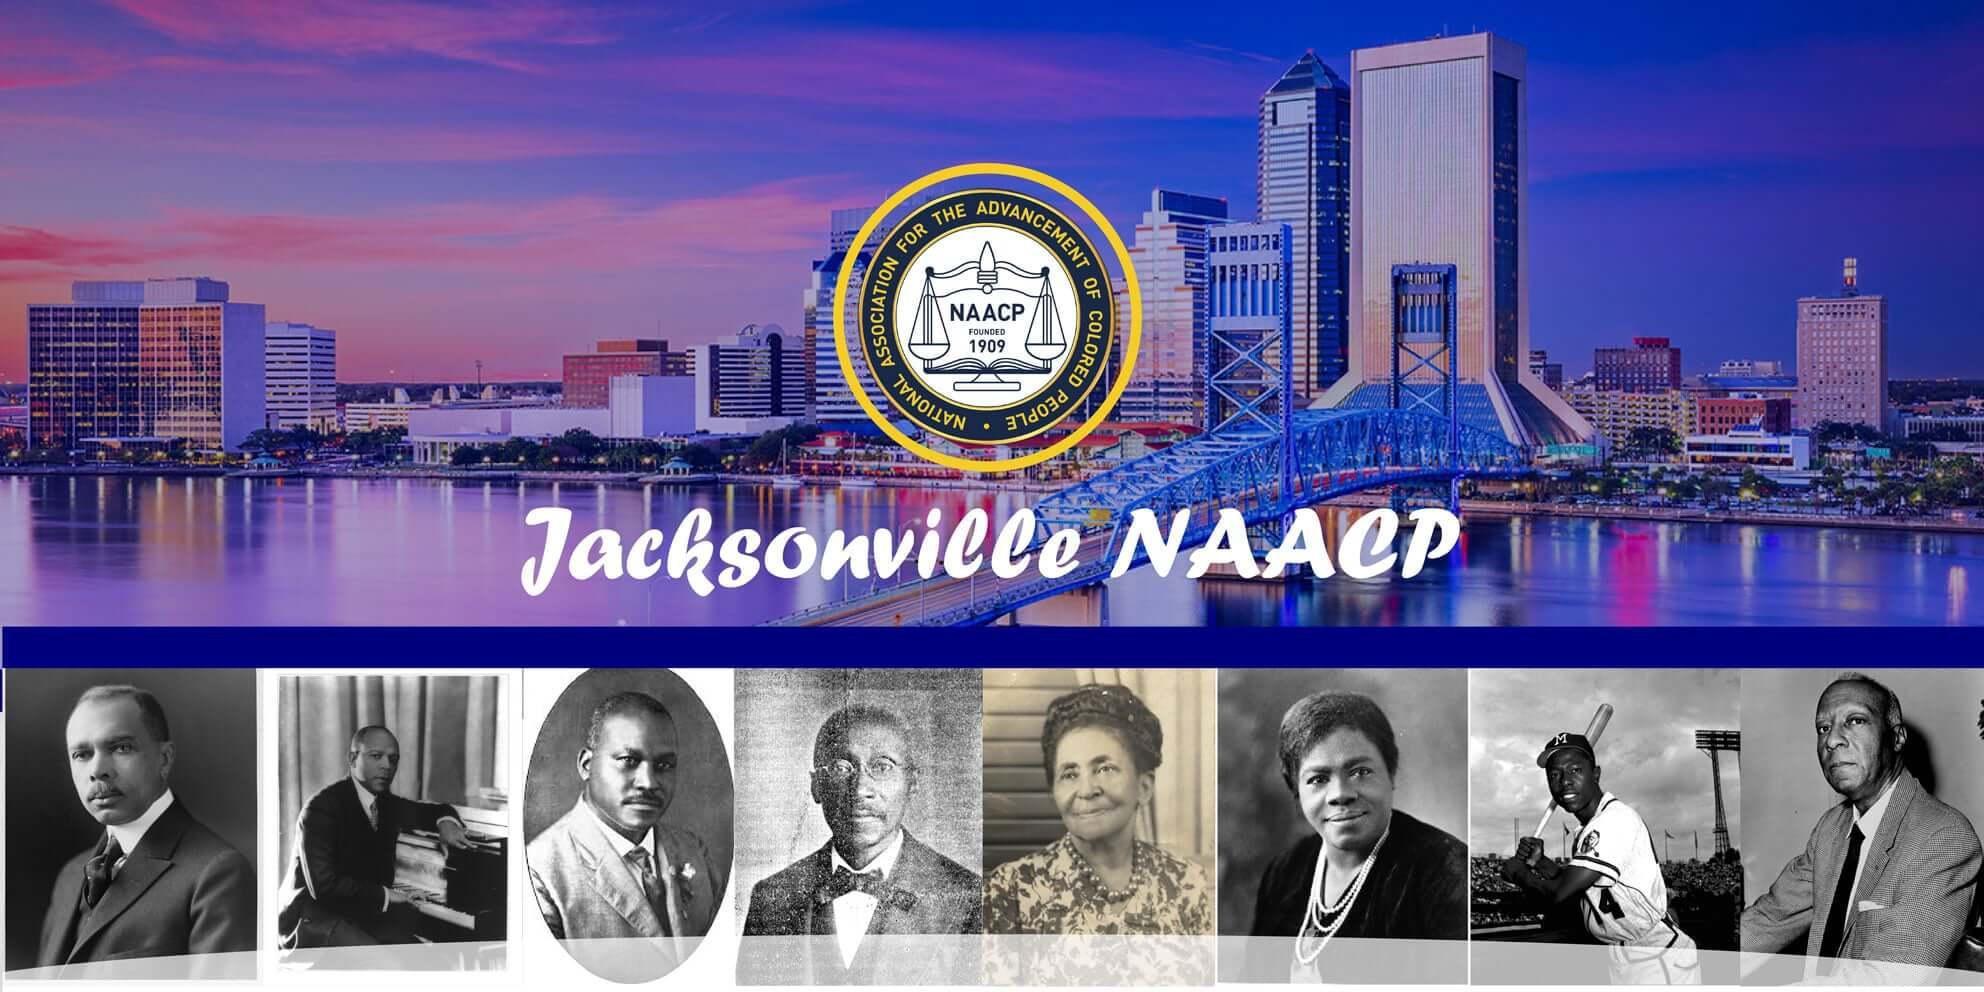 Jacksonville NAACP